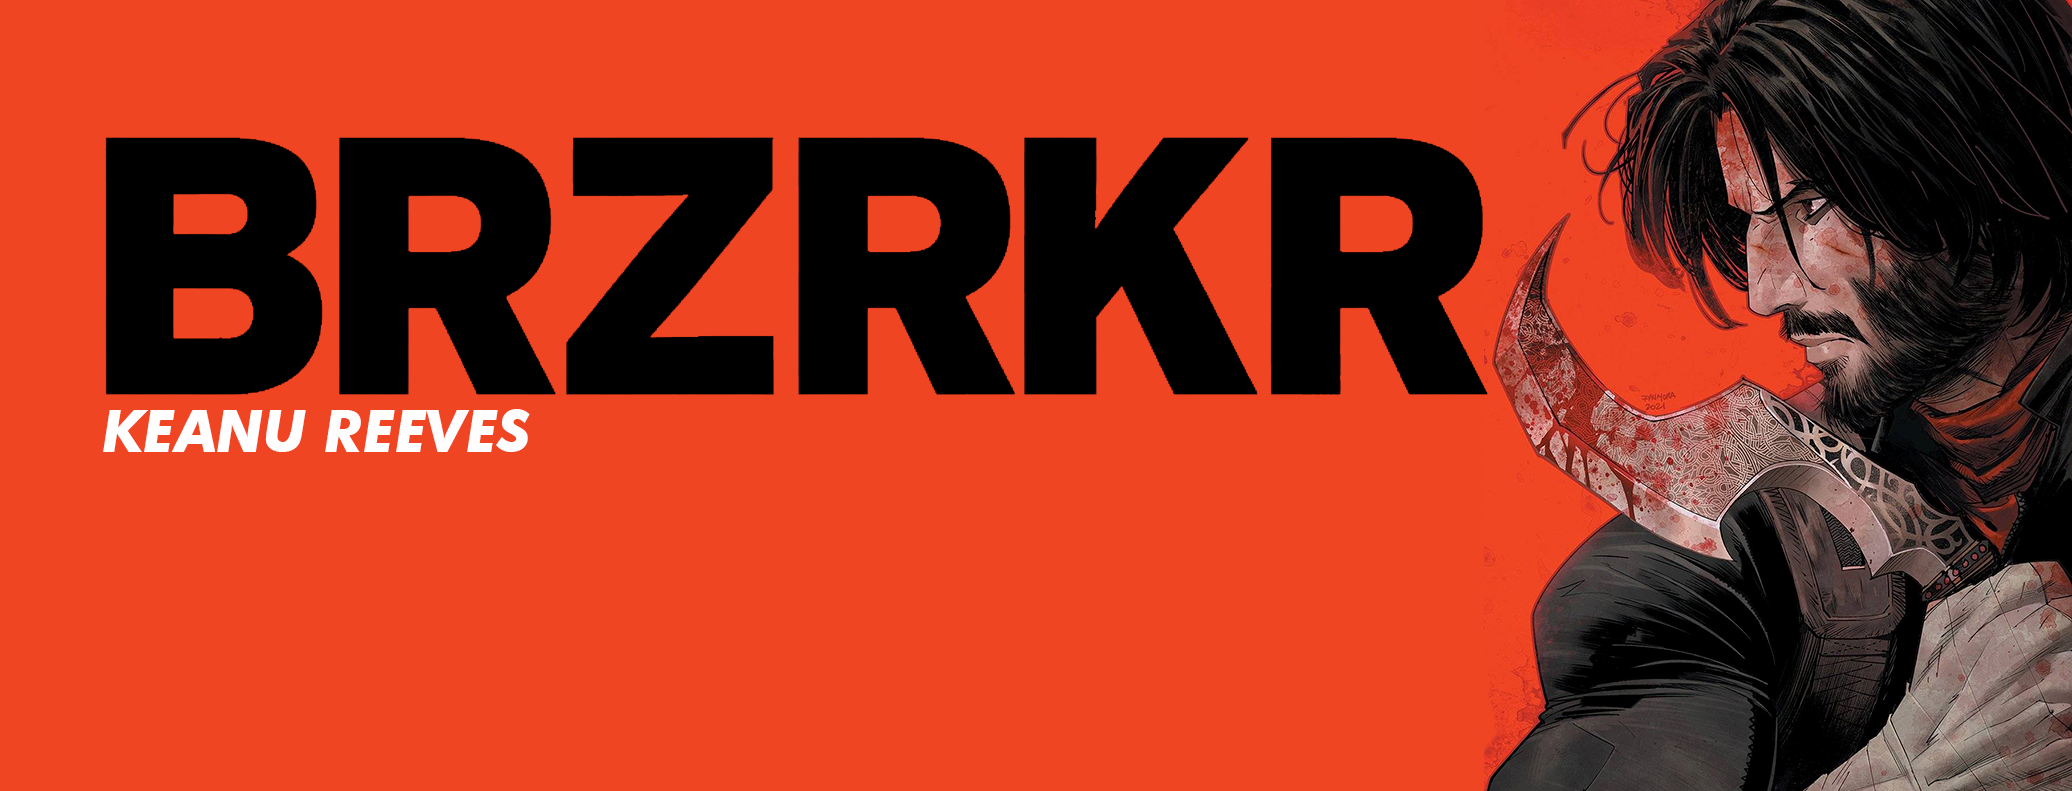 BRZRKR 01.png